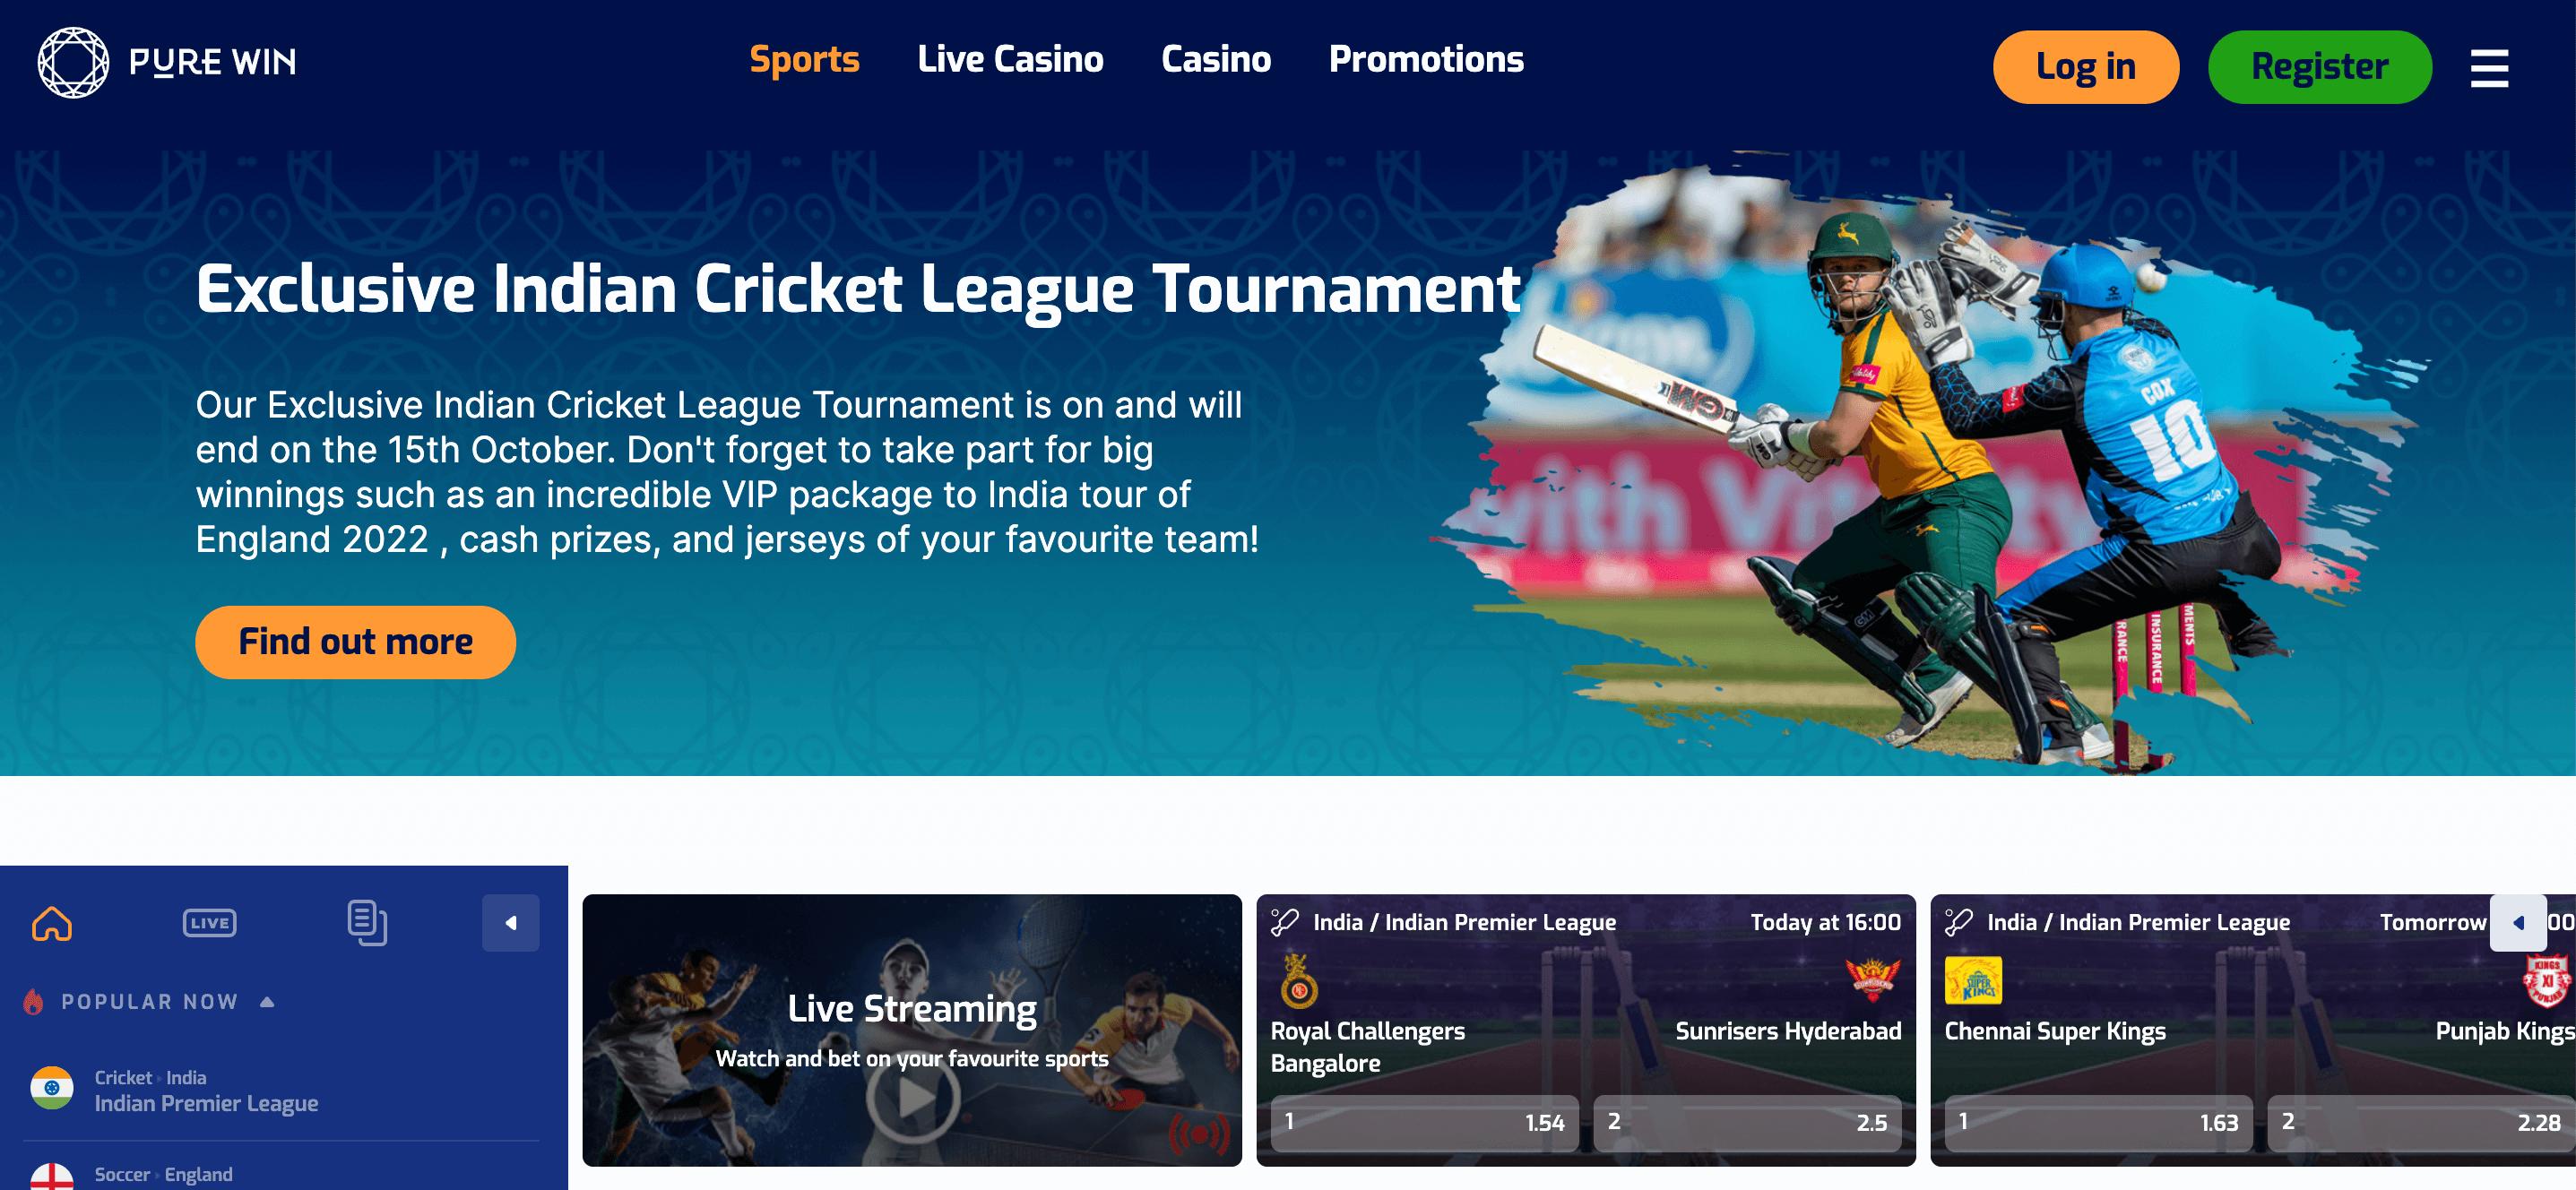 Pure Win Homepage